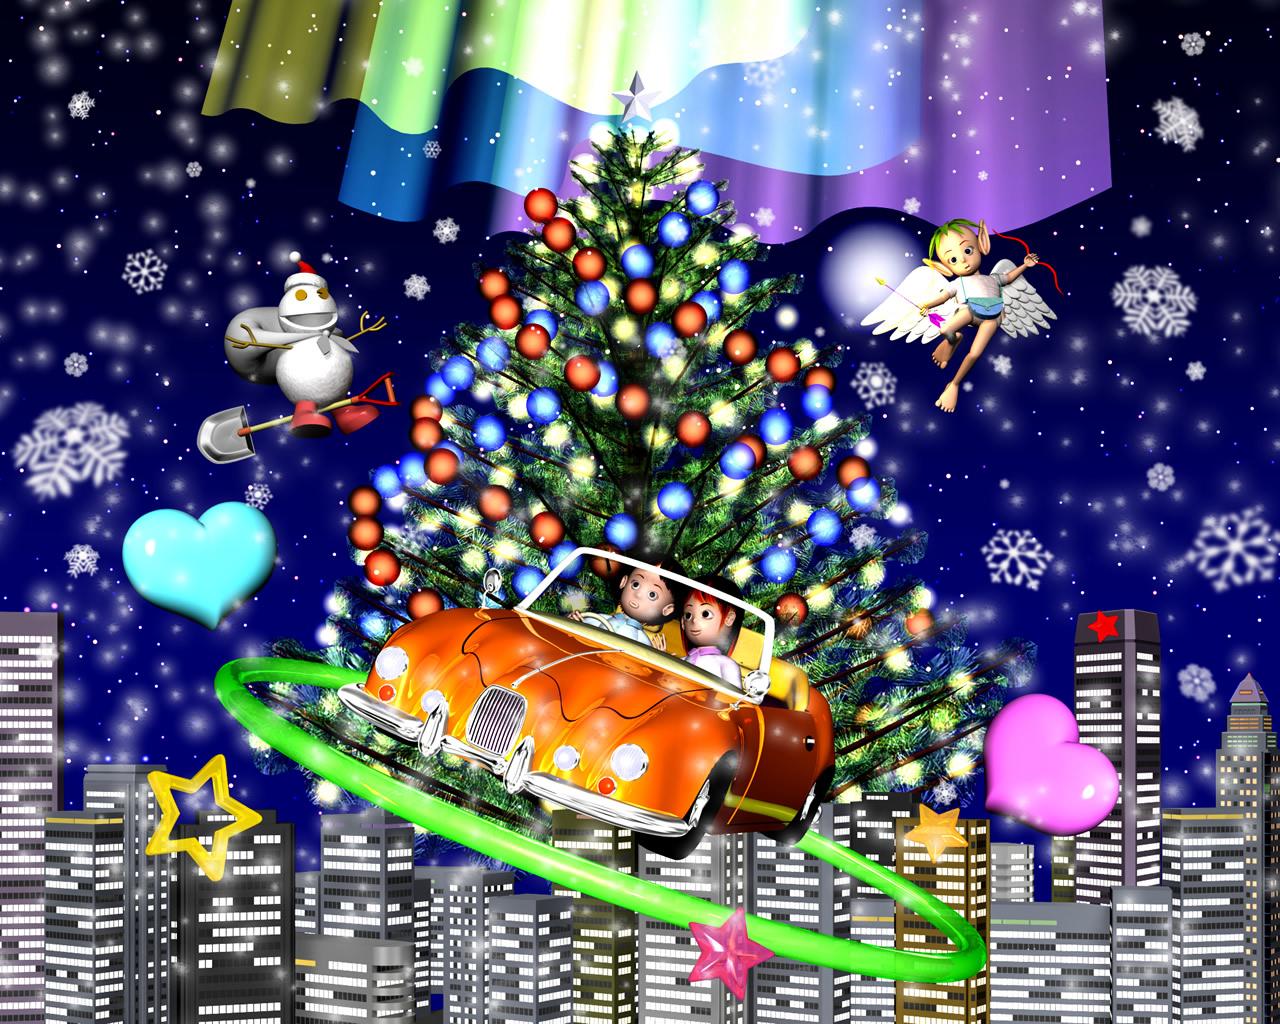 3DCG壁紙 2012クリスマス用壁紙